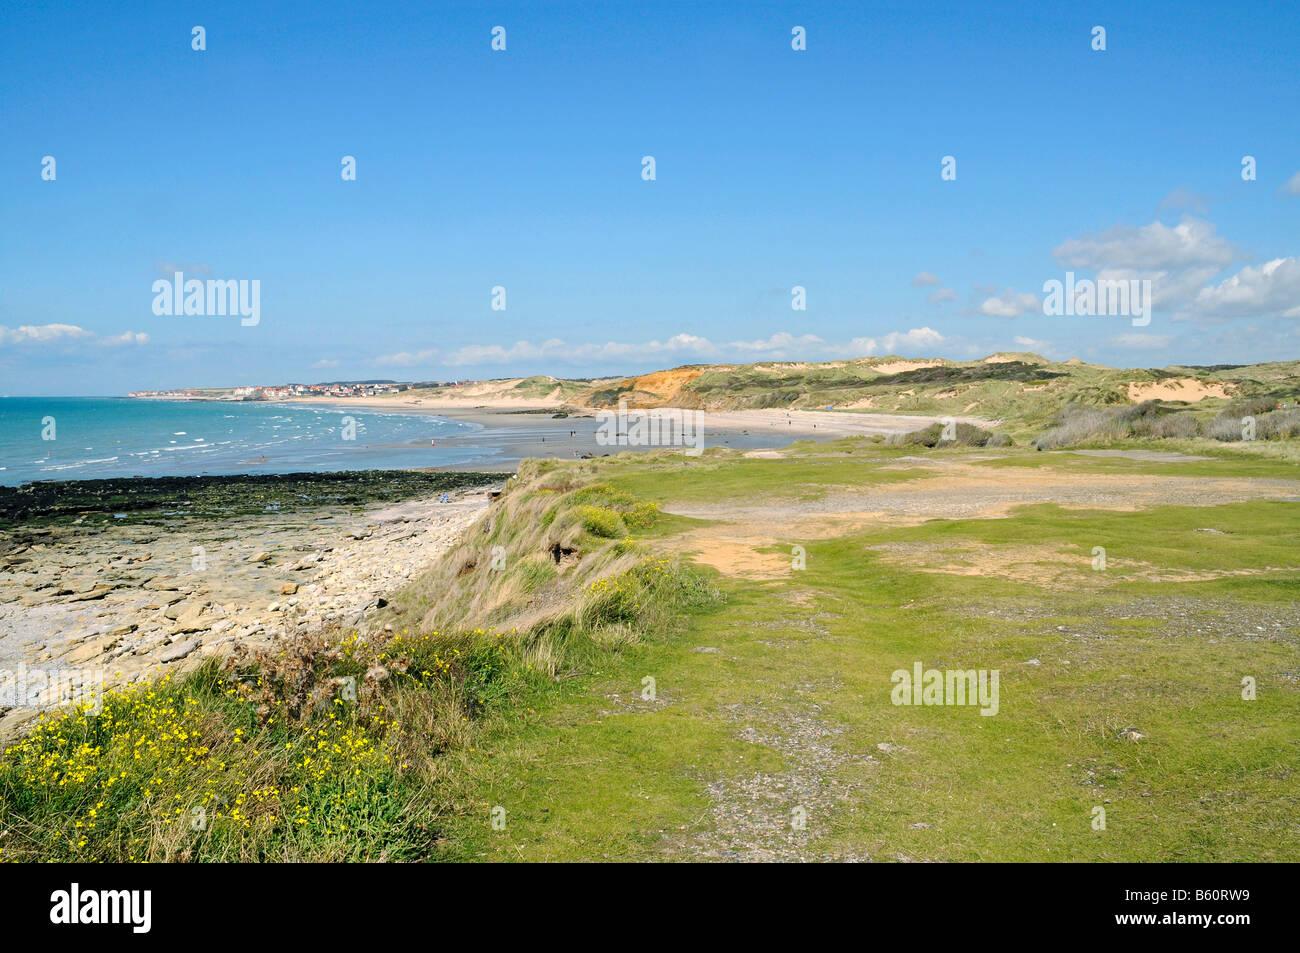 Dunes, ocean, landscape, coast, Dunes de la Slack, Wimereux, Boulogne sur Mer, Opal coast, Nord Pas de Calais, France, - Stock Image